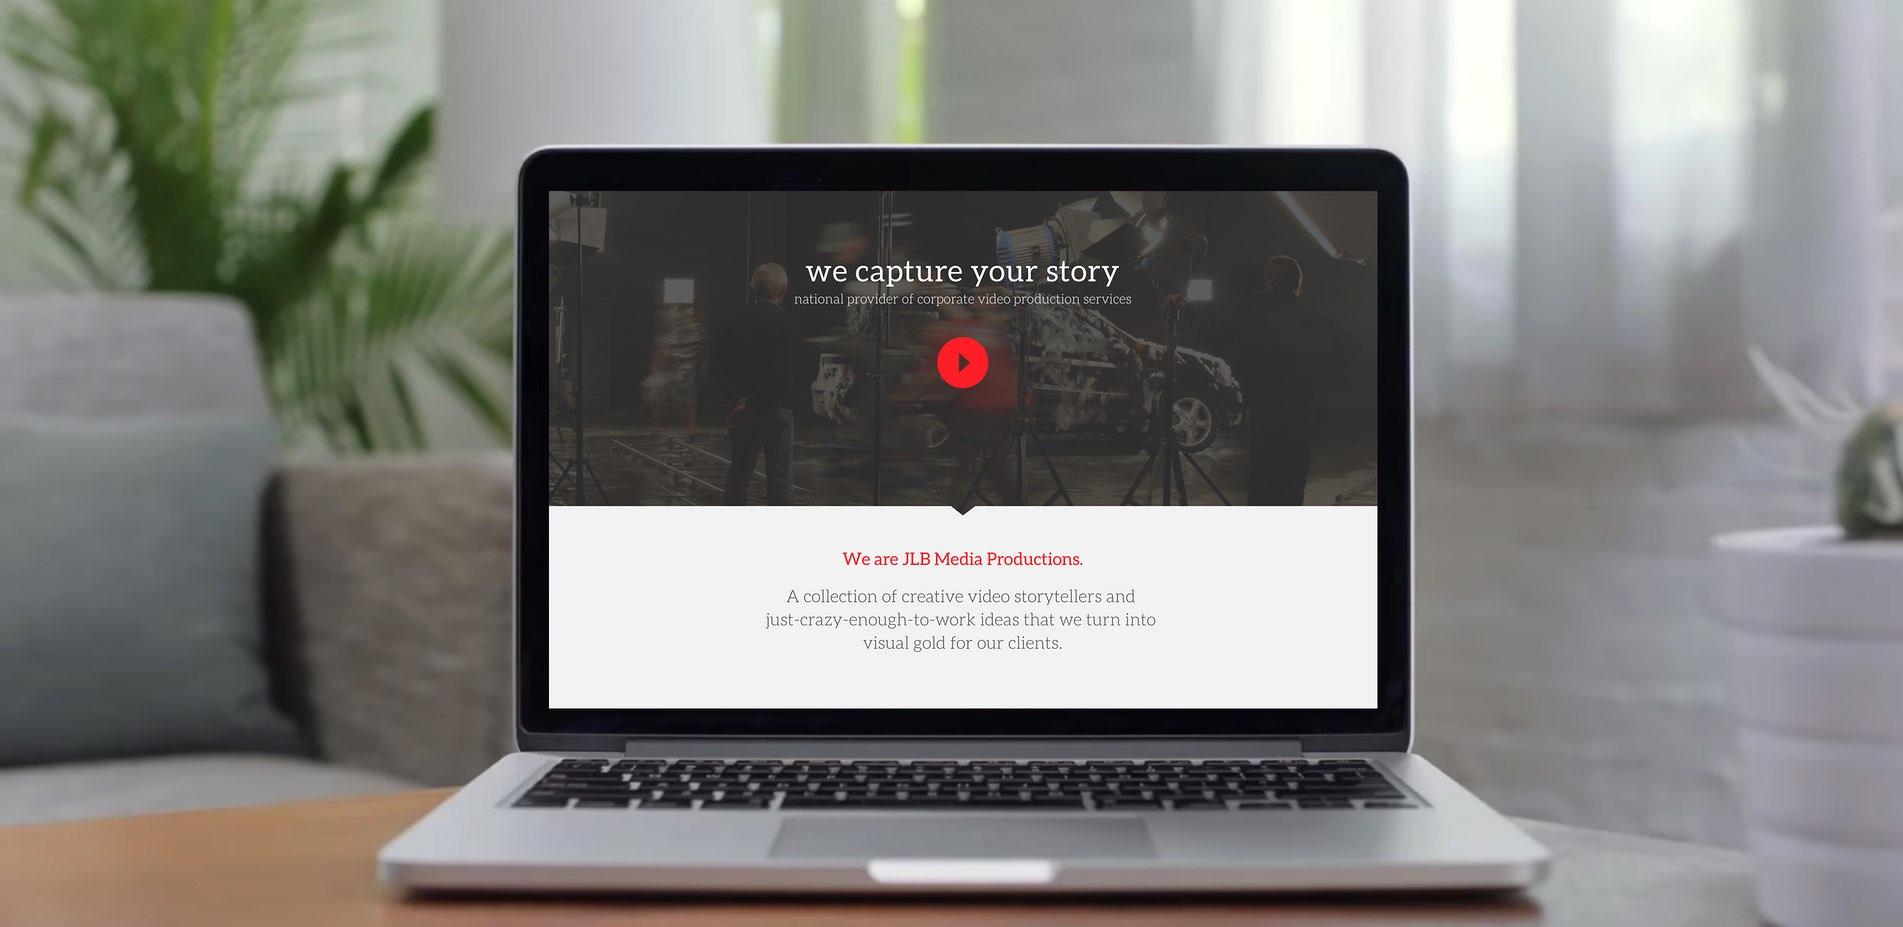 Web Design | JLB Media Productions Macbook Mockup